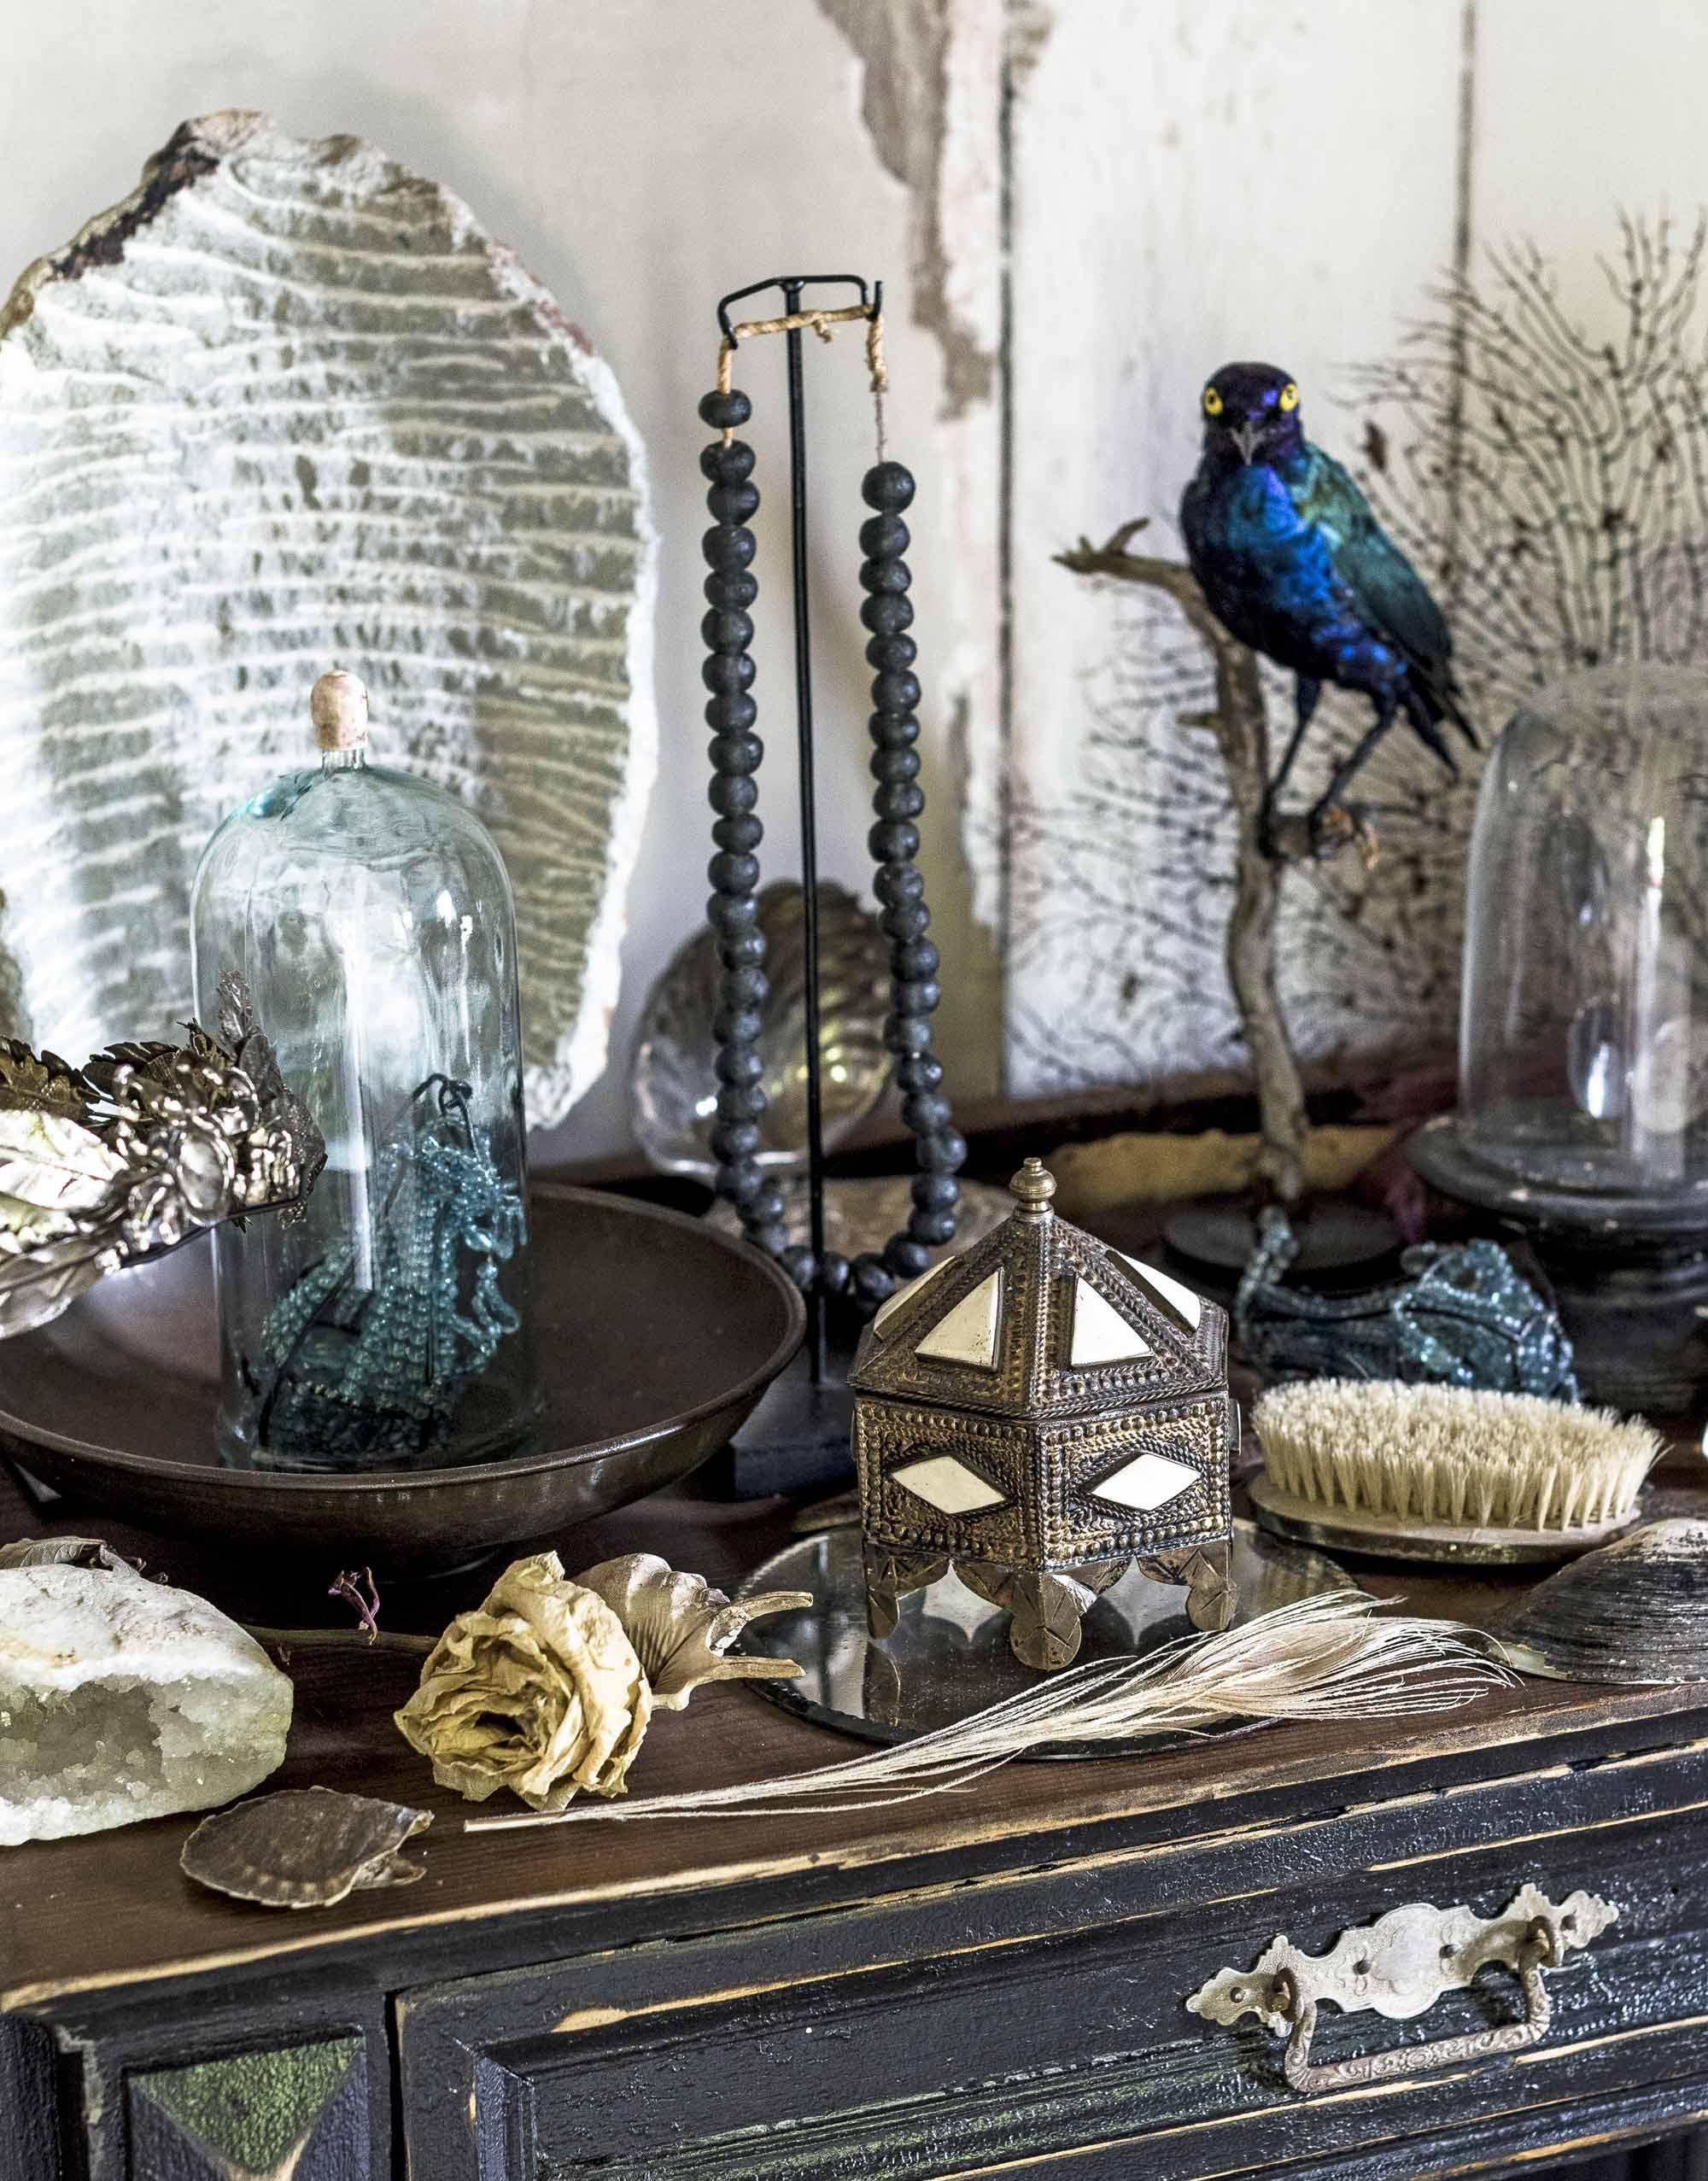 vintage spulletjes blauwe vogel